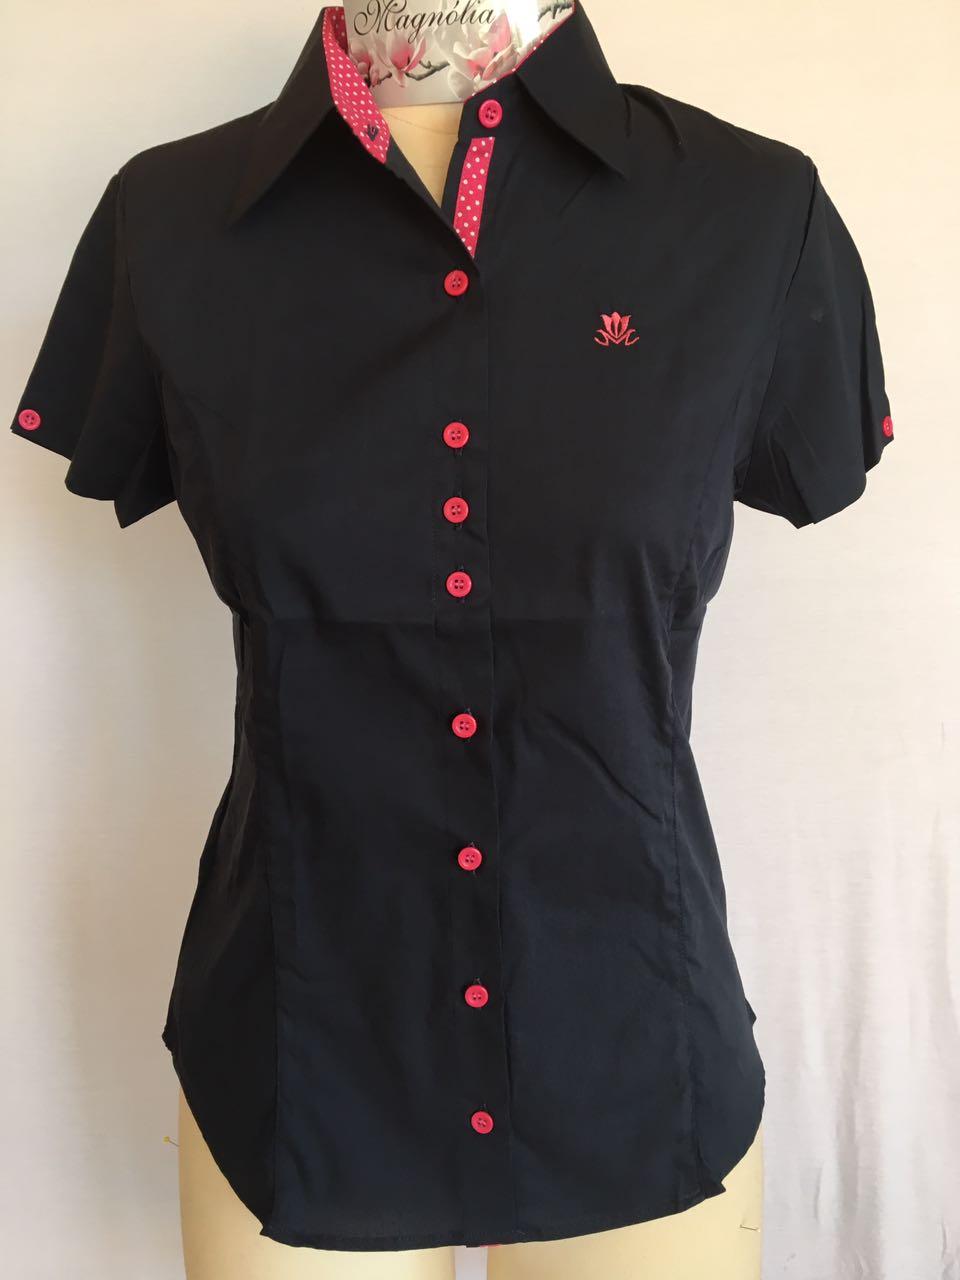 Camisa Feminina Manga Curta Branca  437331214496f